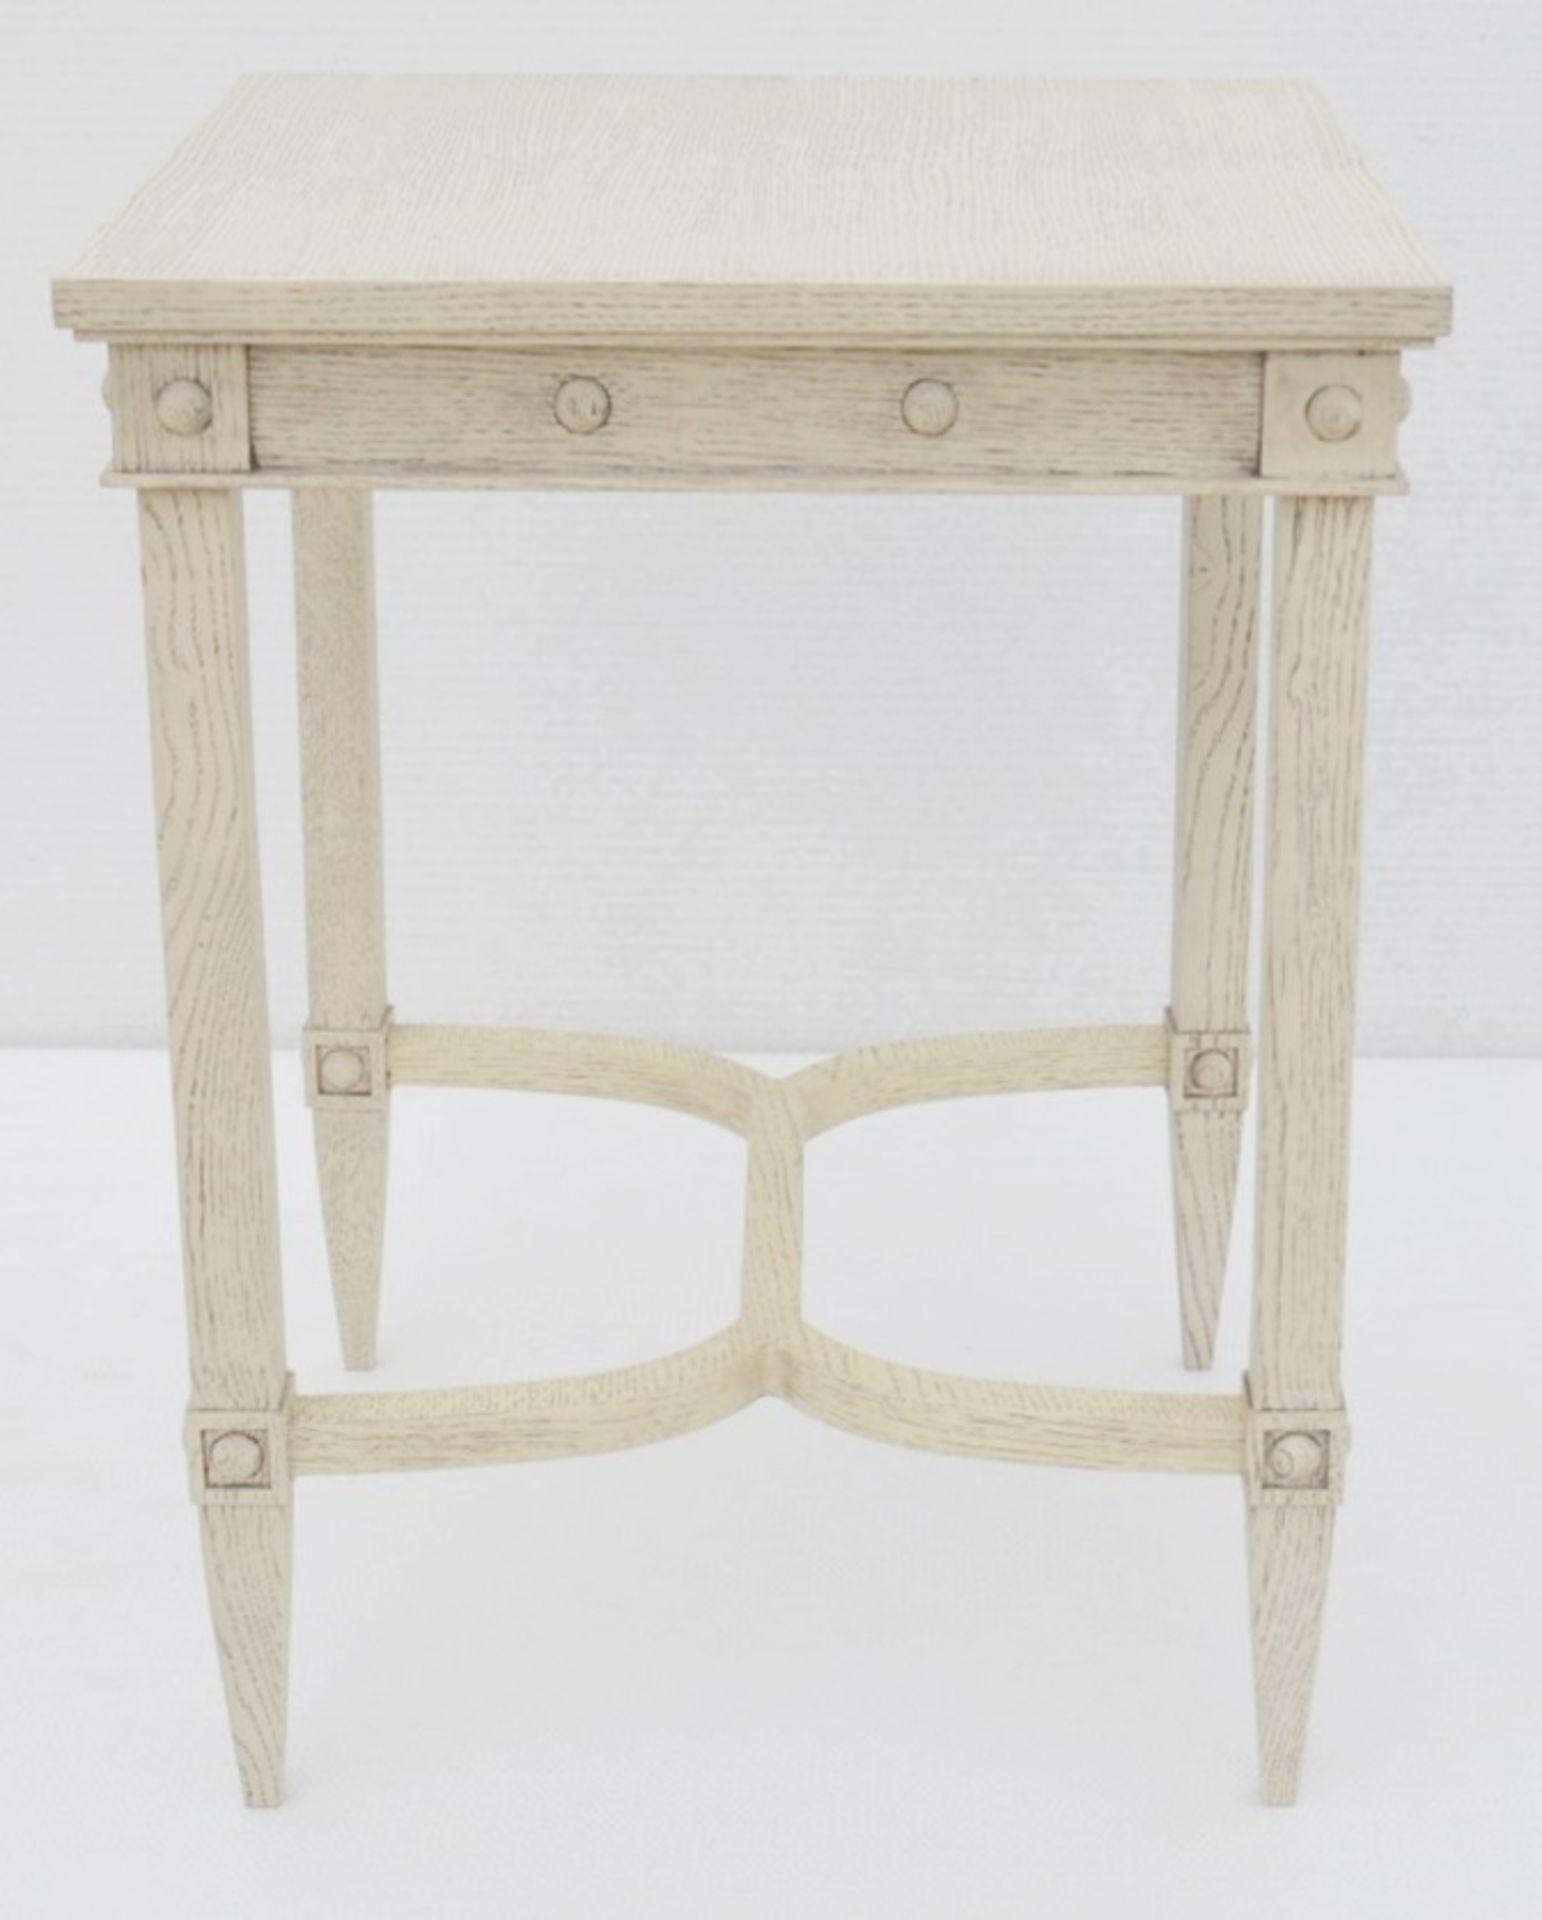 1 x JUSTIN VAN BREDA 'Thomas' Designer Georgian-inspired Occasional Table - Original RRP £1,320 - Image 8 of 8